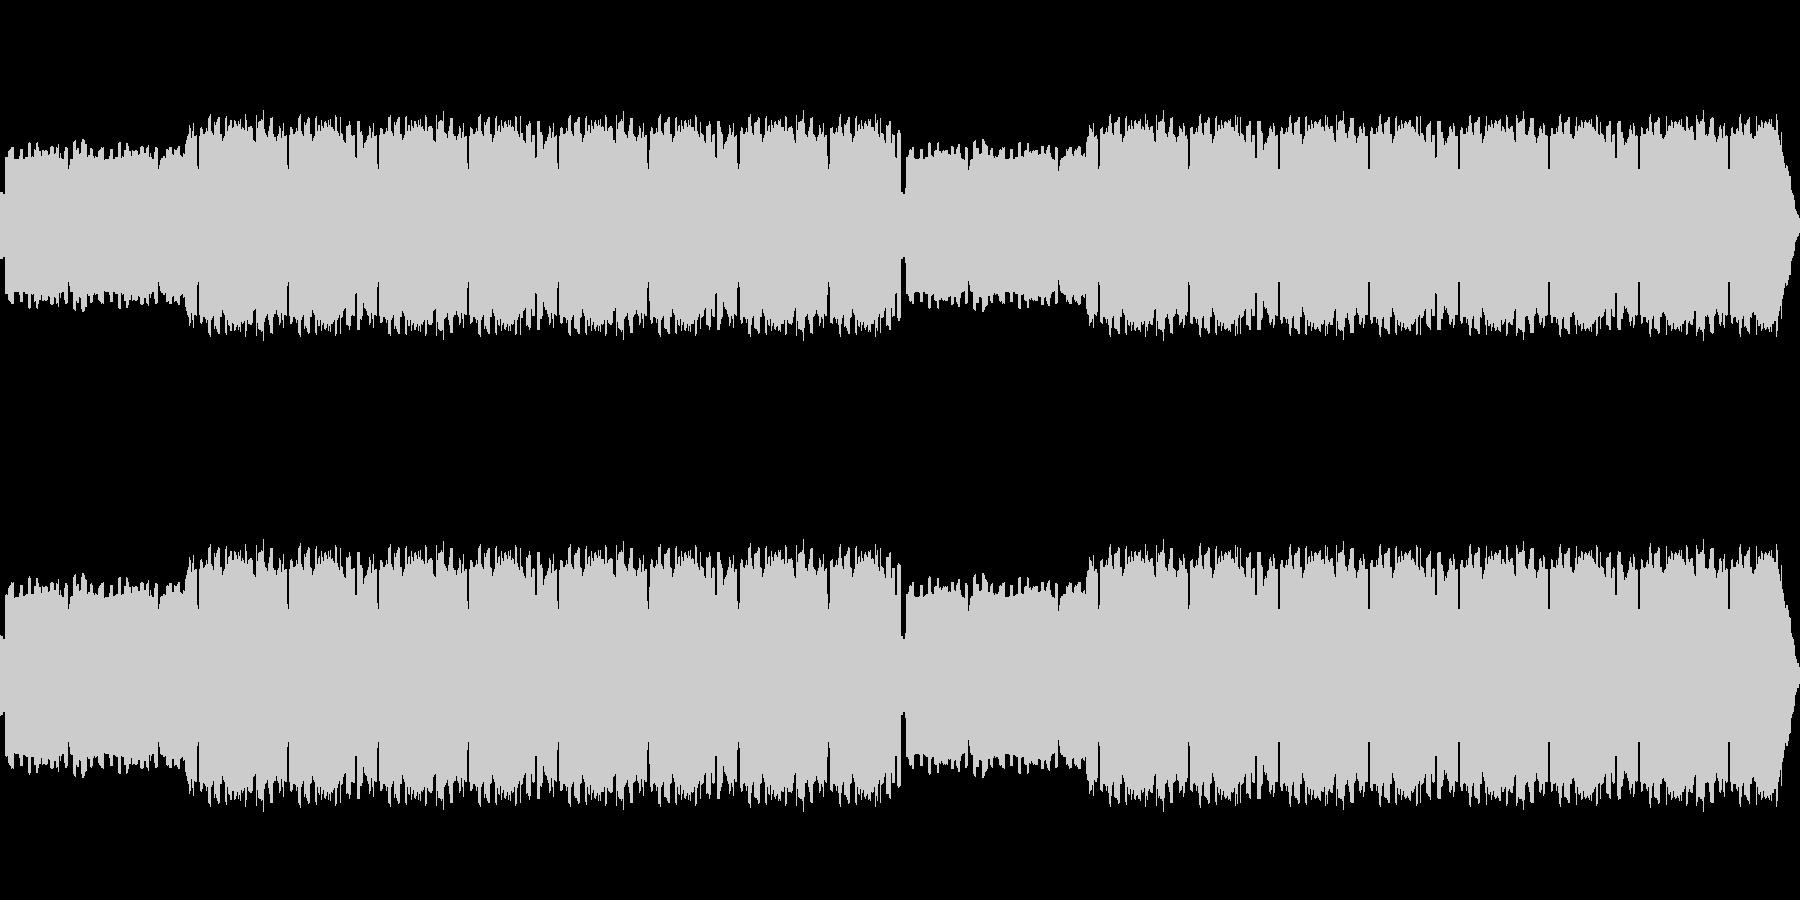 懐かしい雰囲気のフィールドBGMの未再生の波形